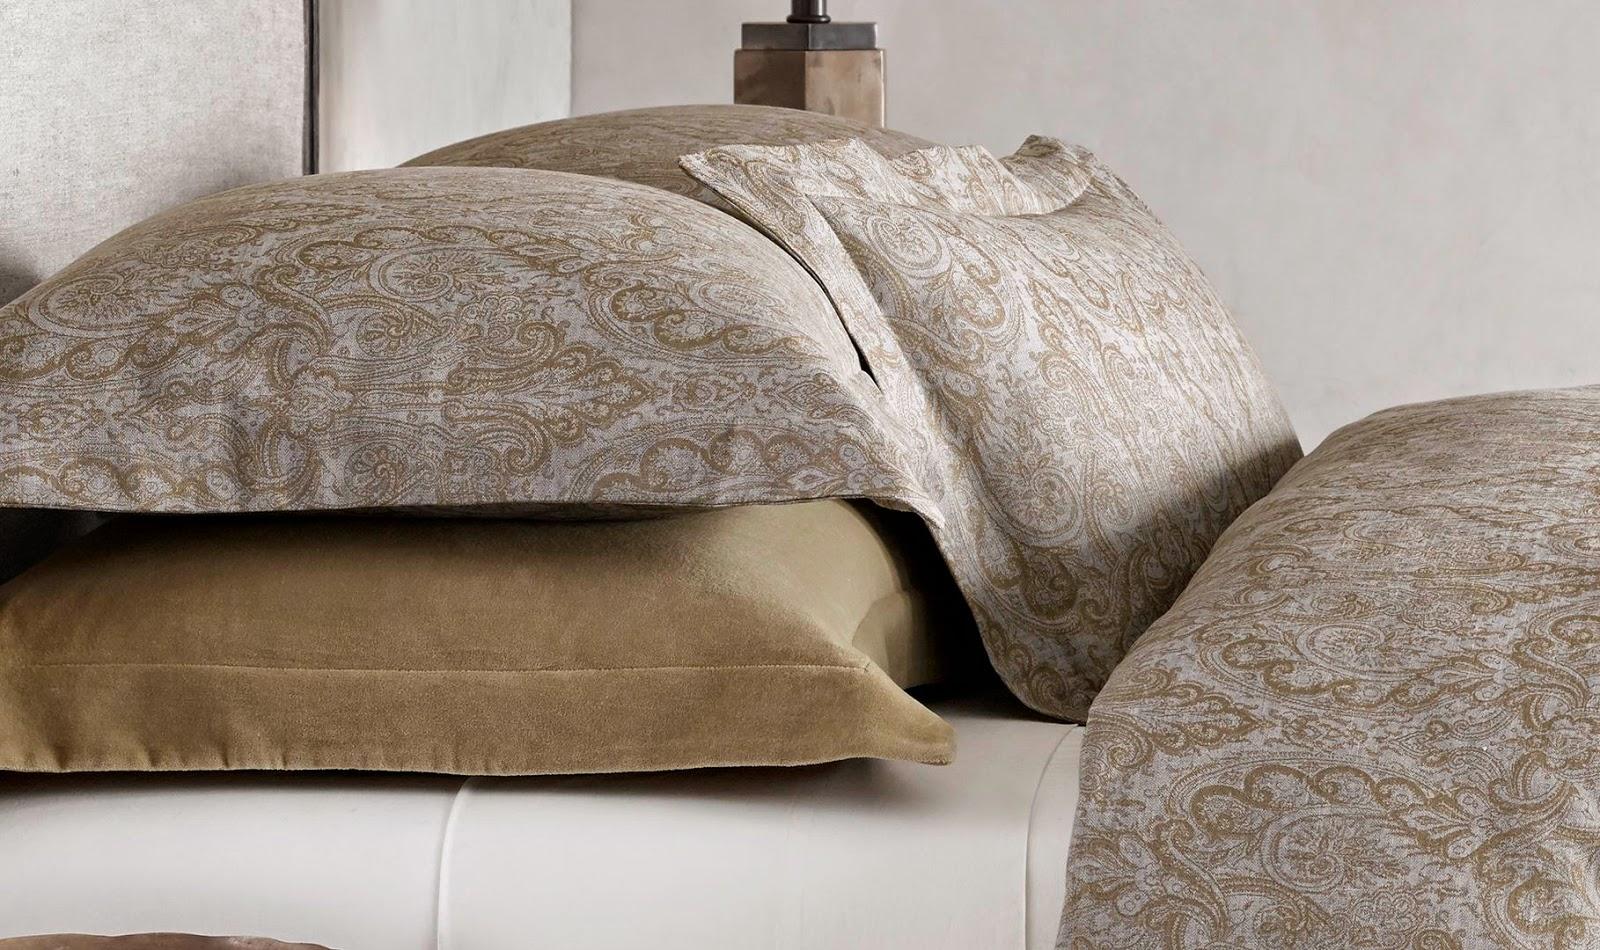 Paisley zucchi collection funda nordica tienda on line - Funda nordica beige ...